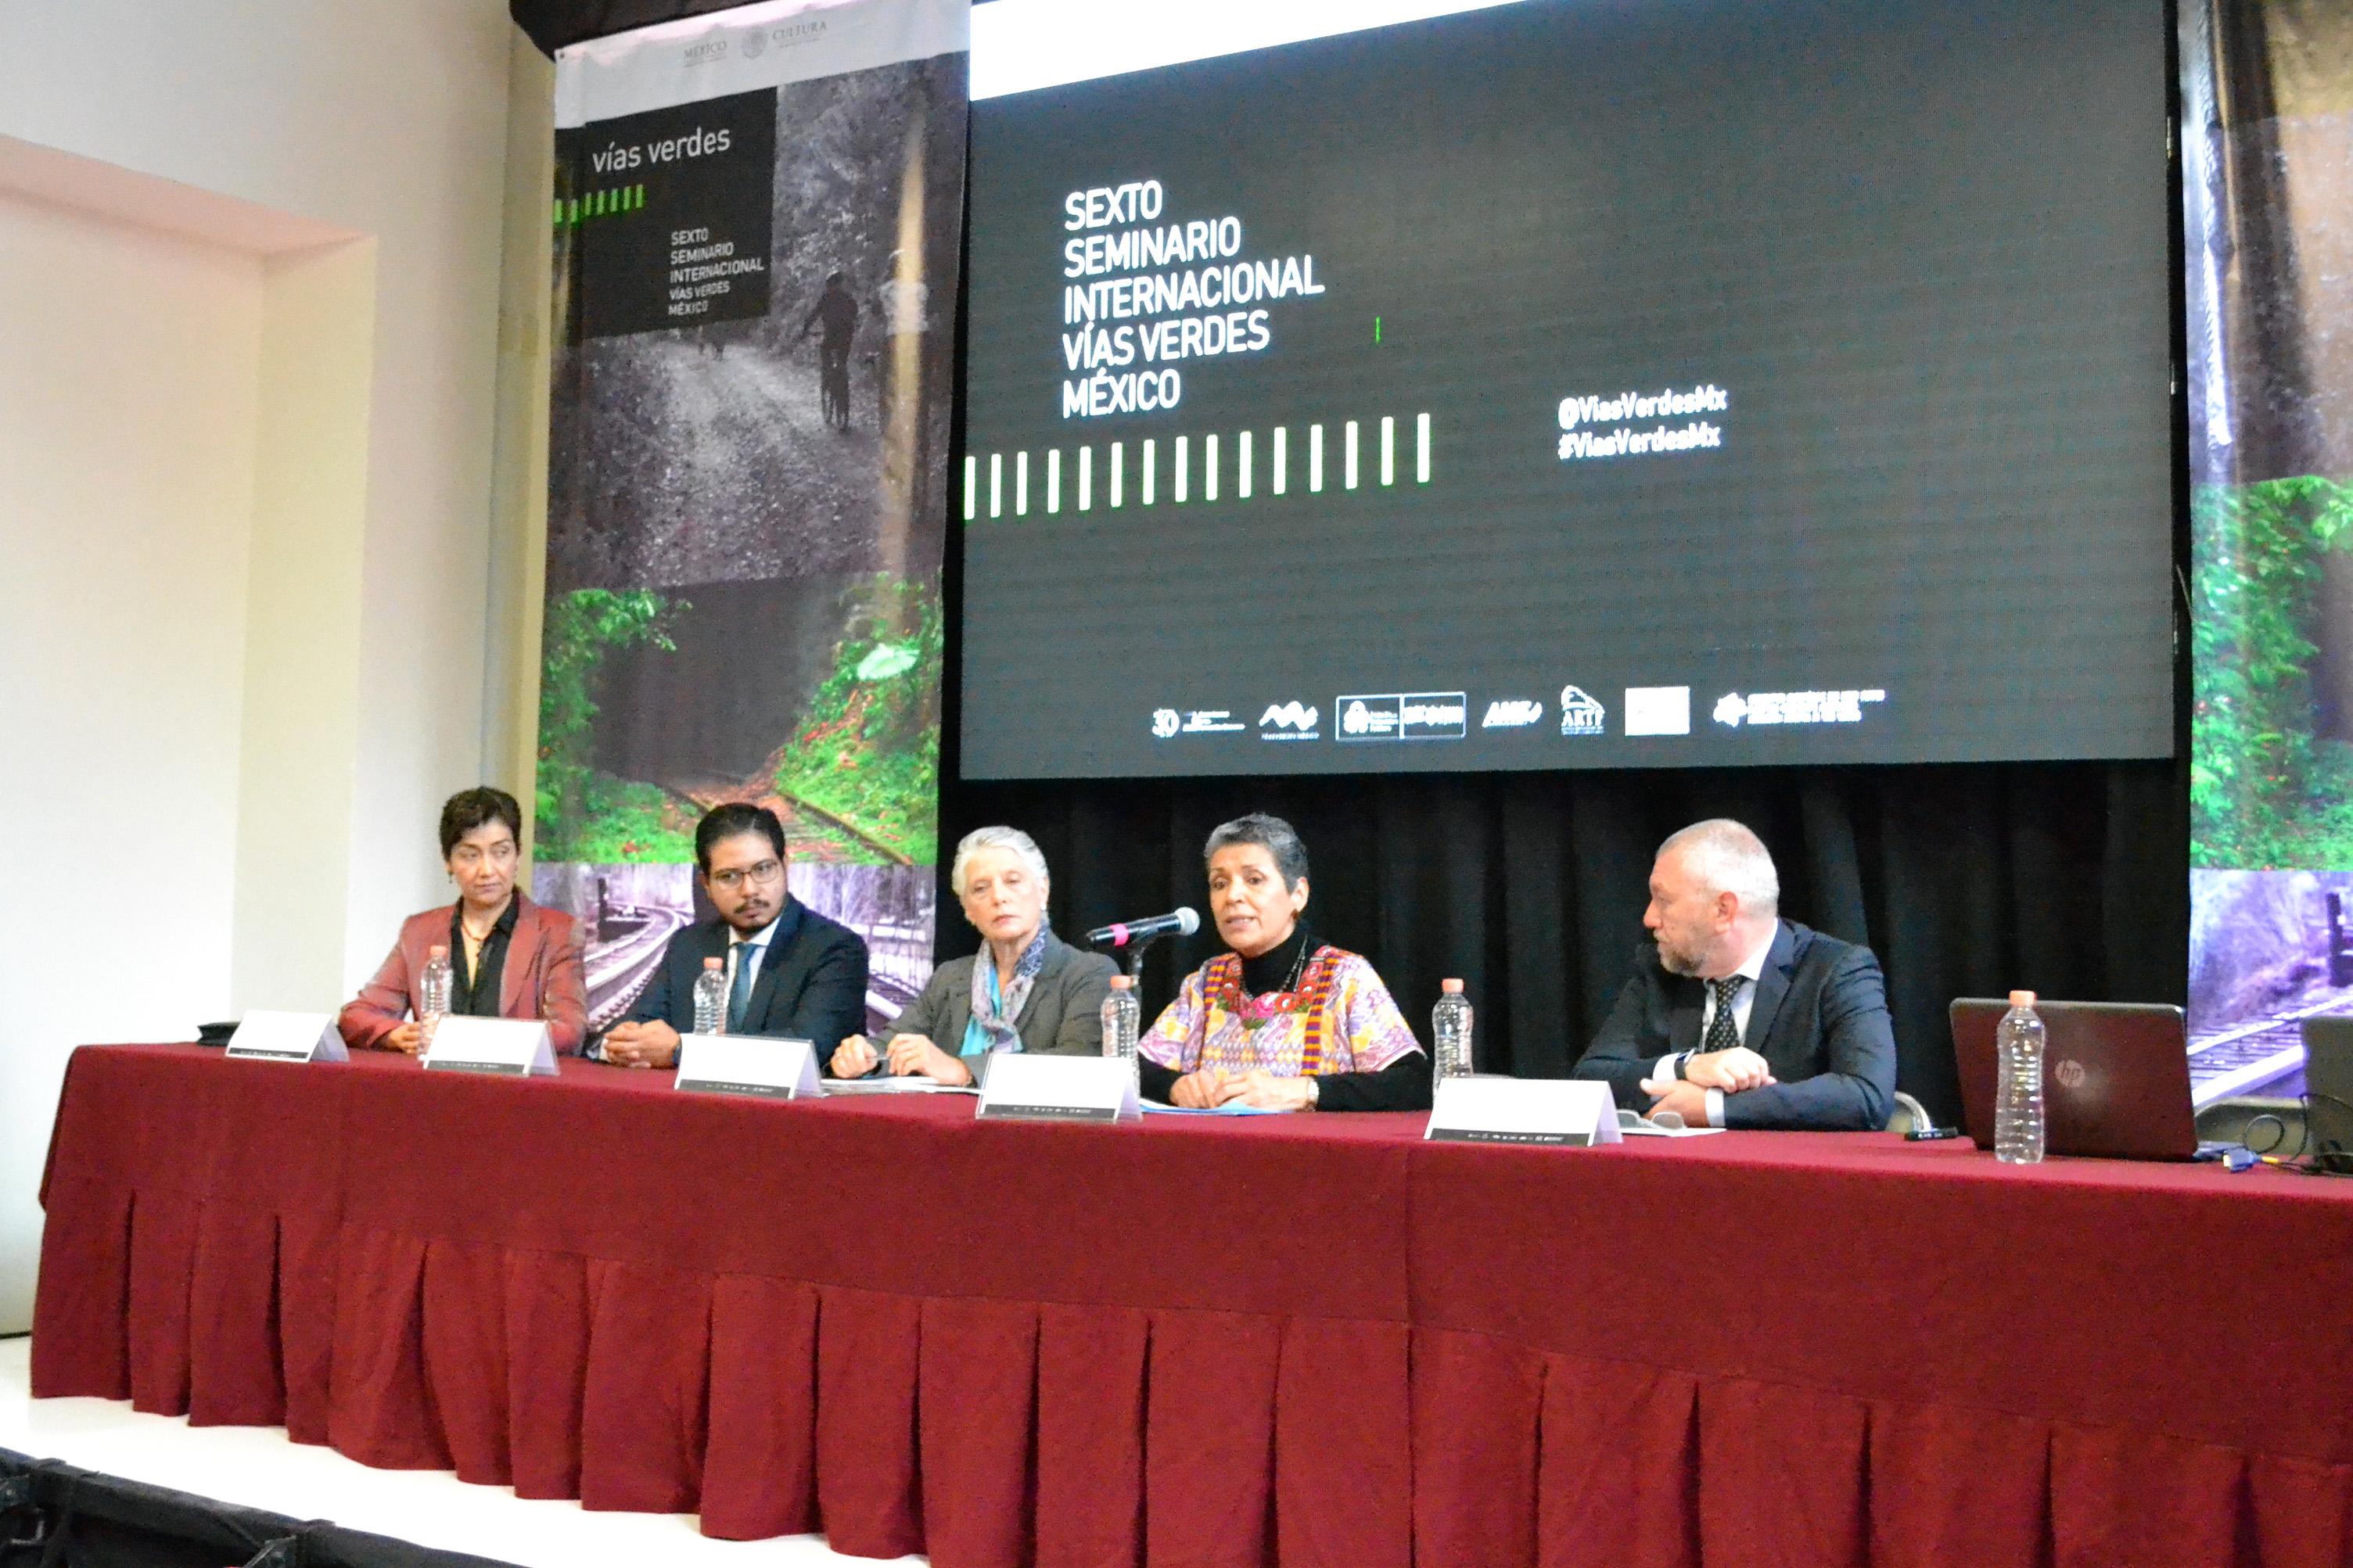 Comienza el VI Seminario Internacional Vías Verdes México